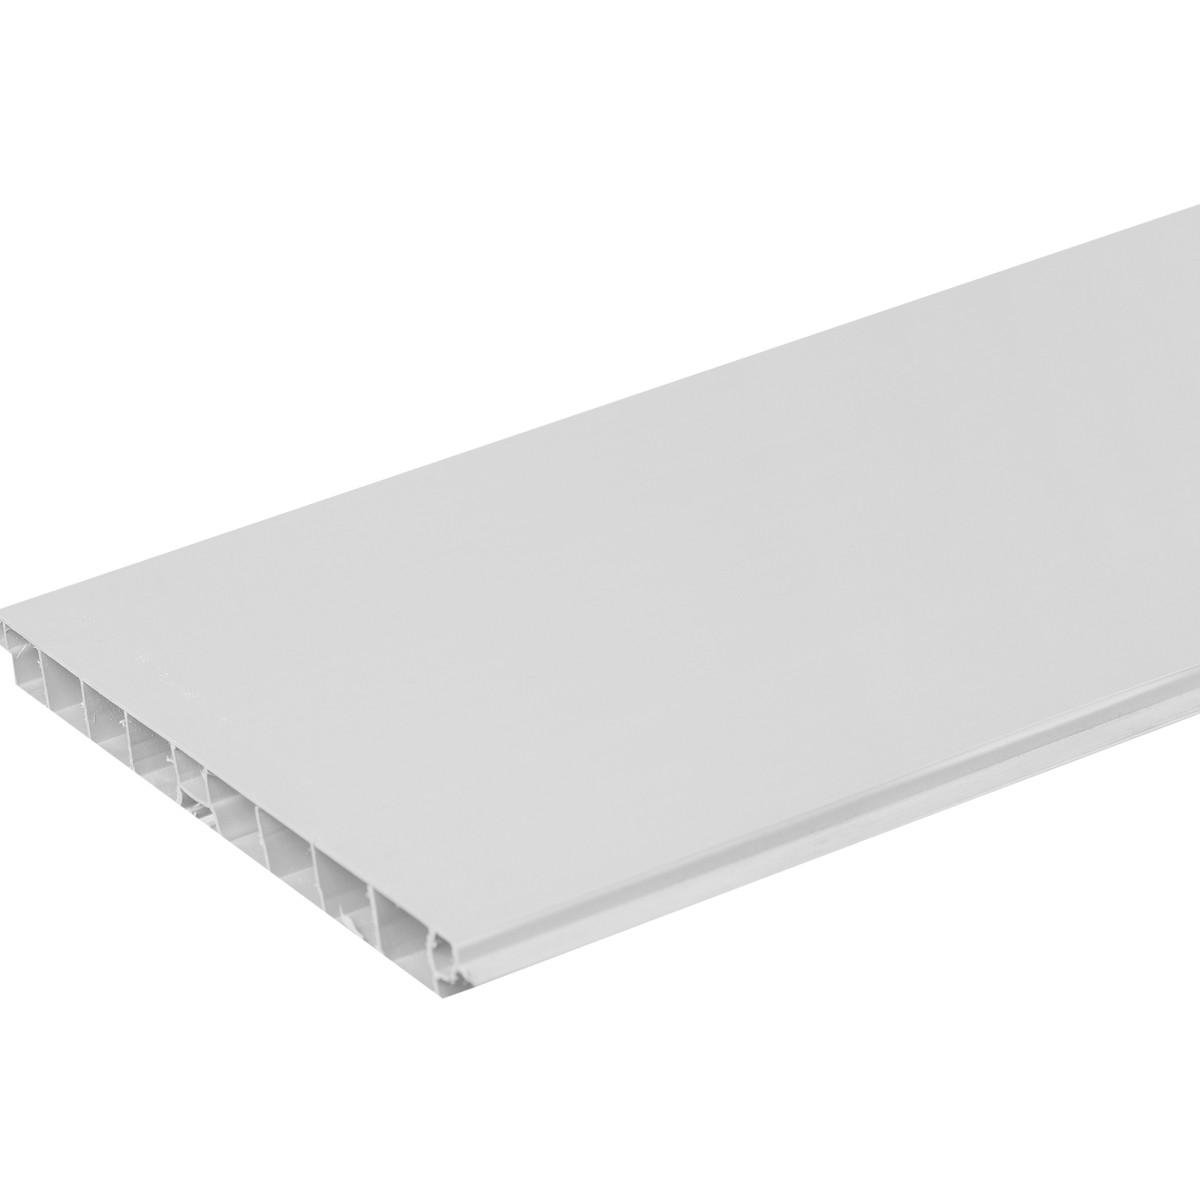 Цоколь для кухни 240х15 см ПВХ цвет серебро